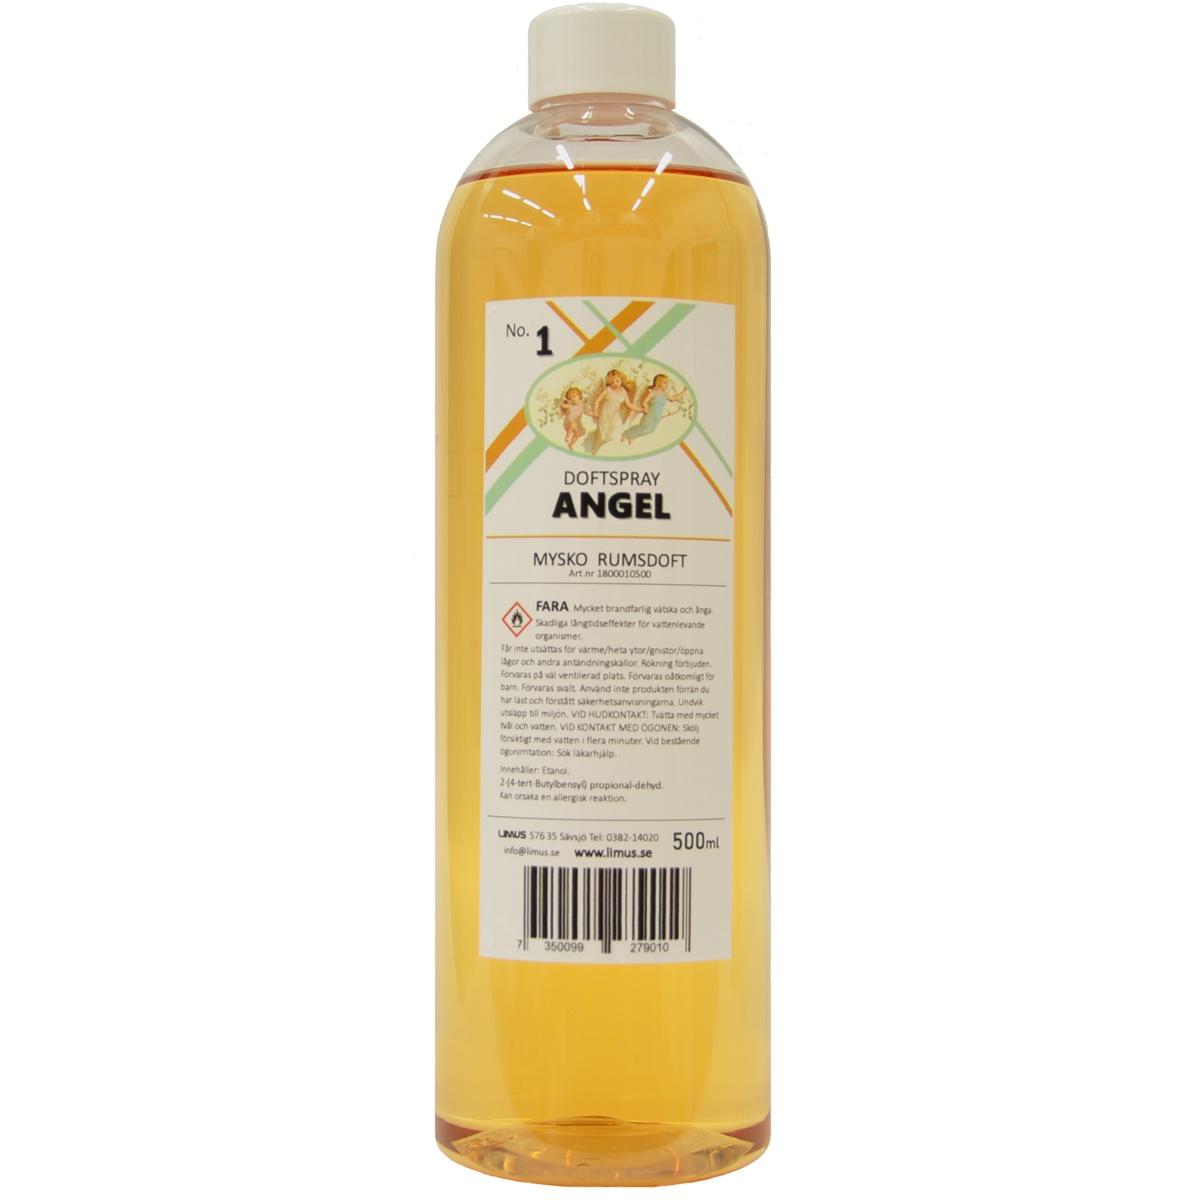 Doftvätska för refill 500ml